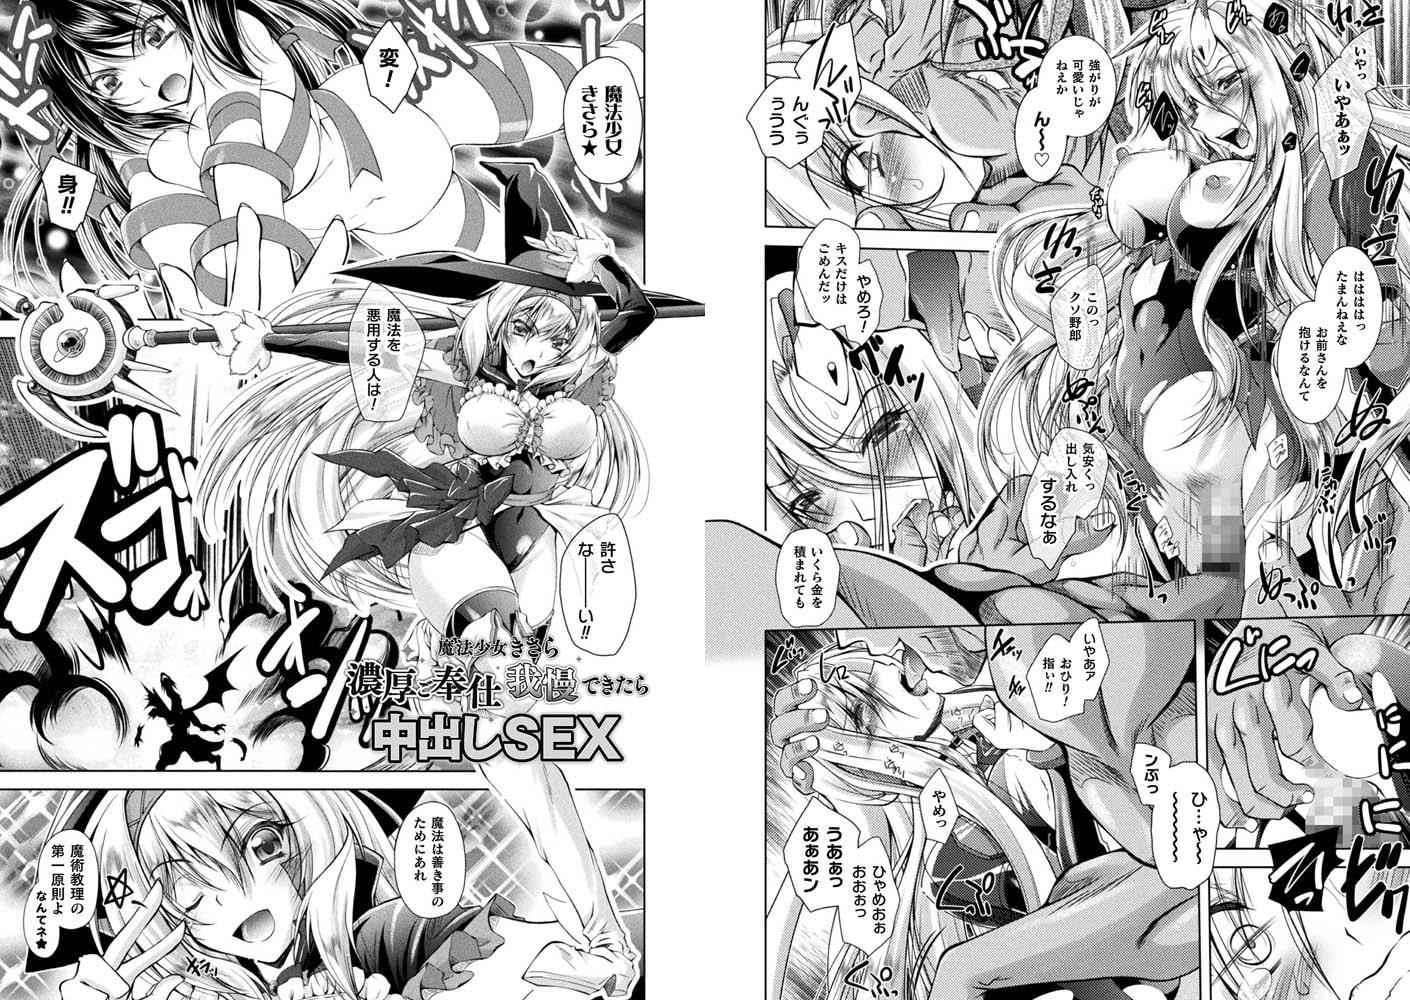 【触手】ぱふぇ先生2冊パック(202010)